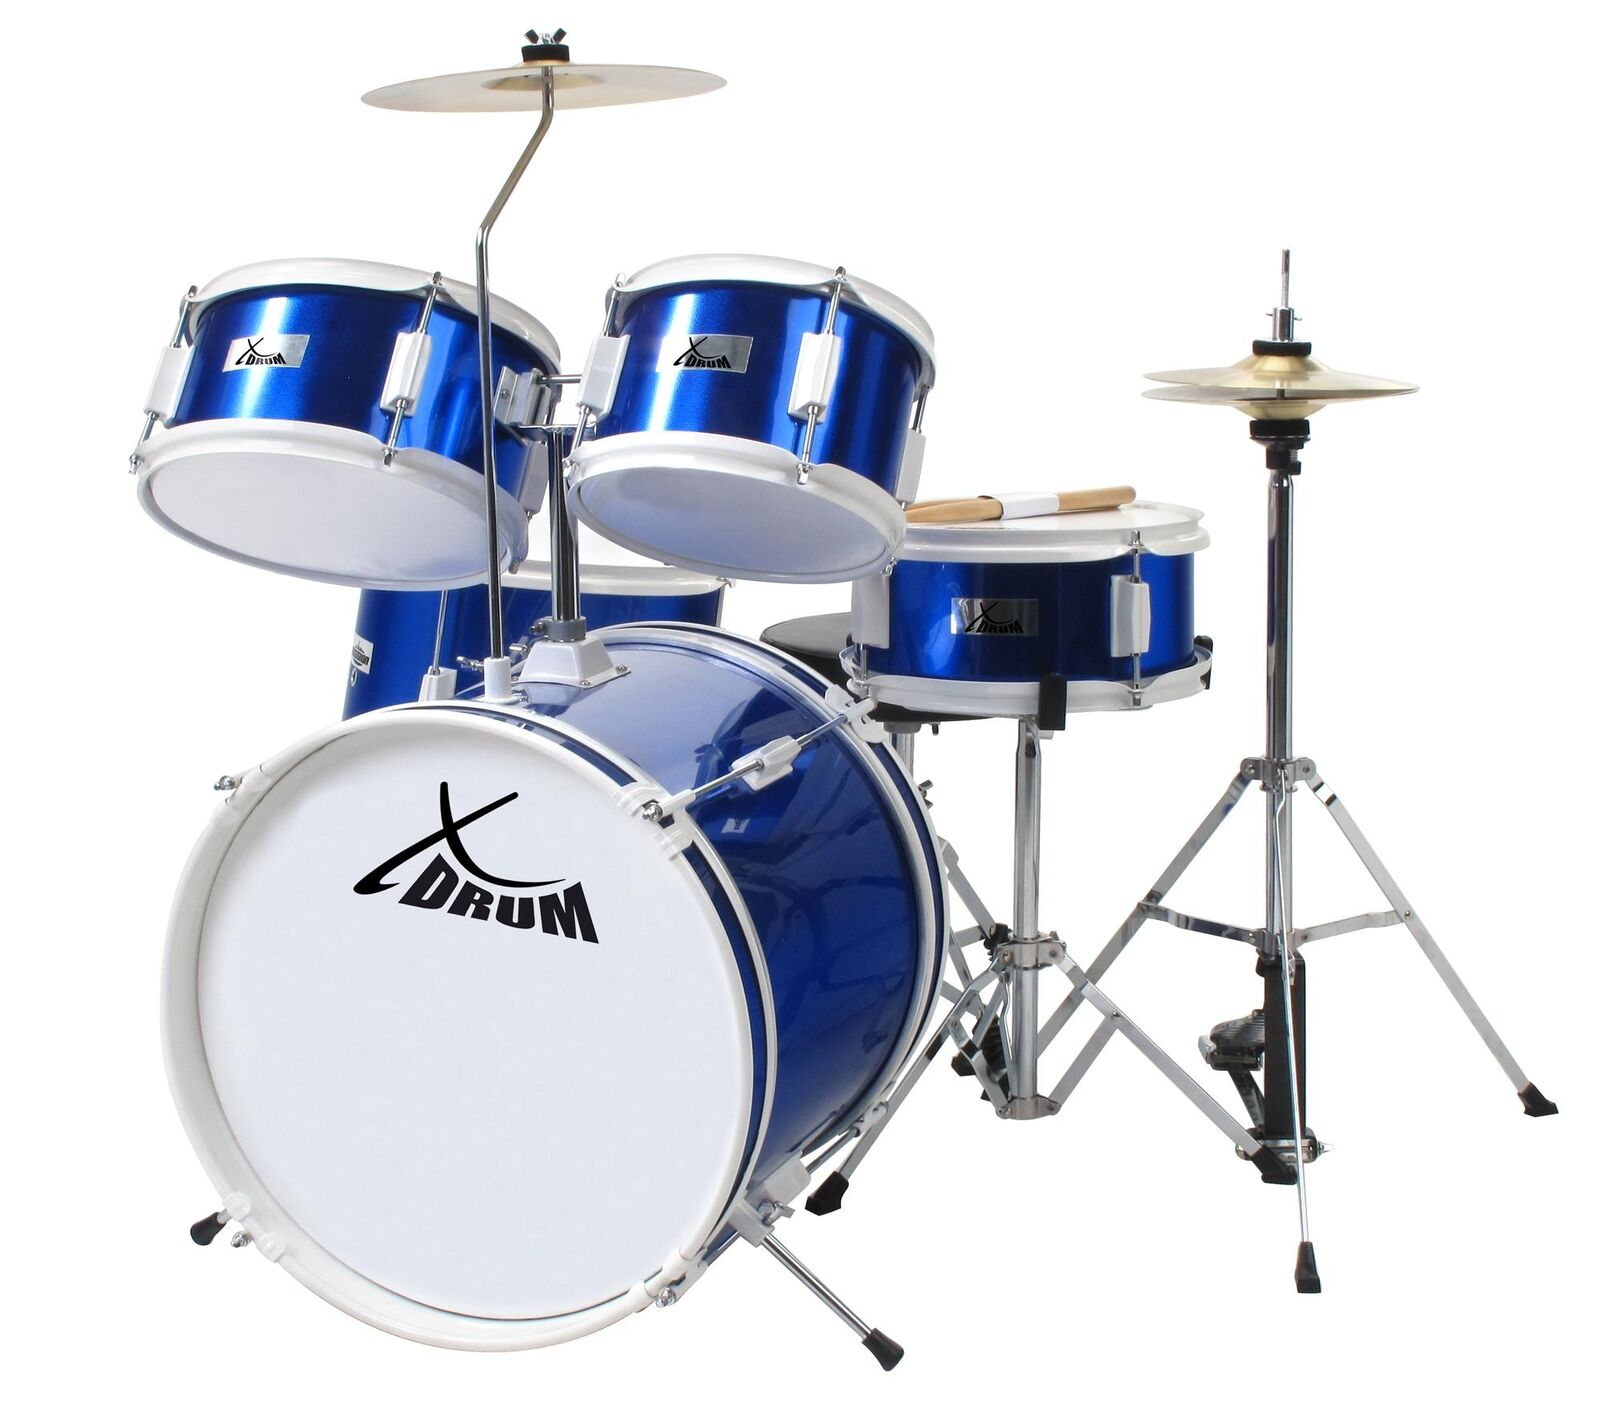 Klasse Schlagzeug für Kinder Kinder Kinder die erste Schritte im Bereich Musik machen wollen b97a84